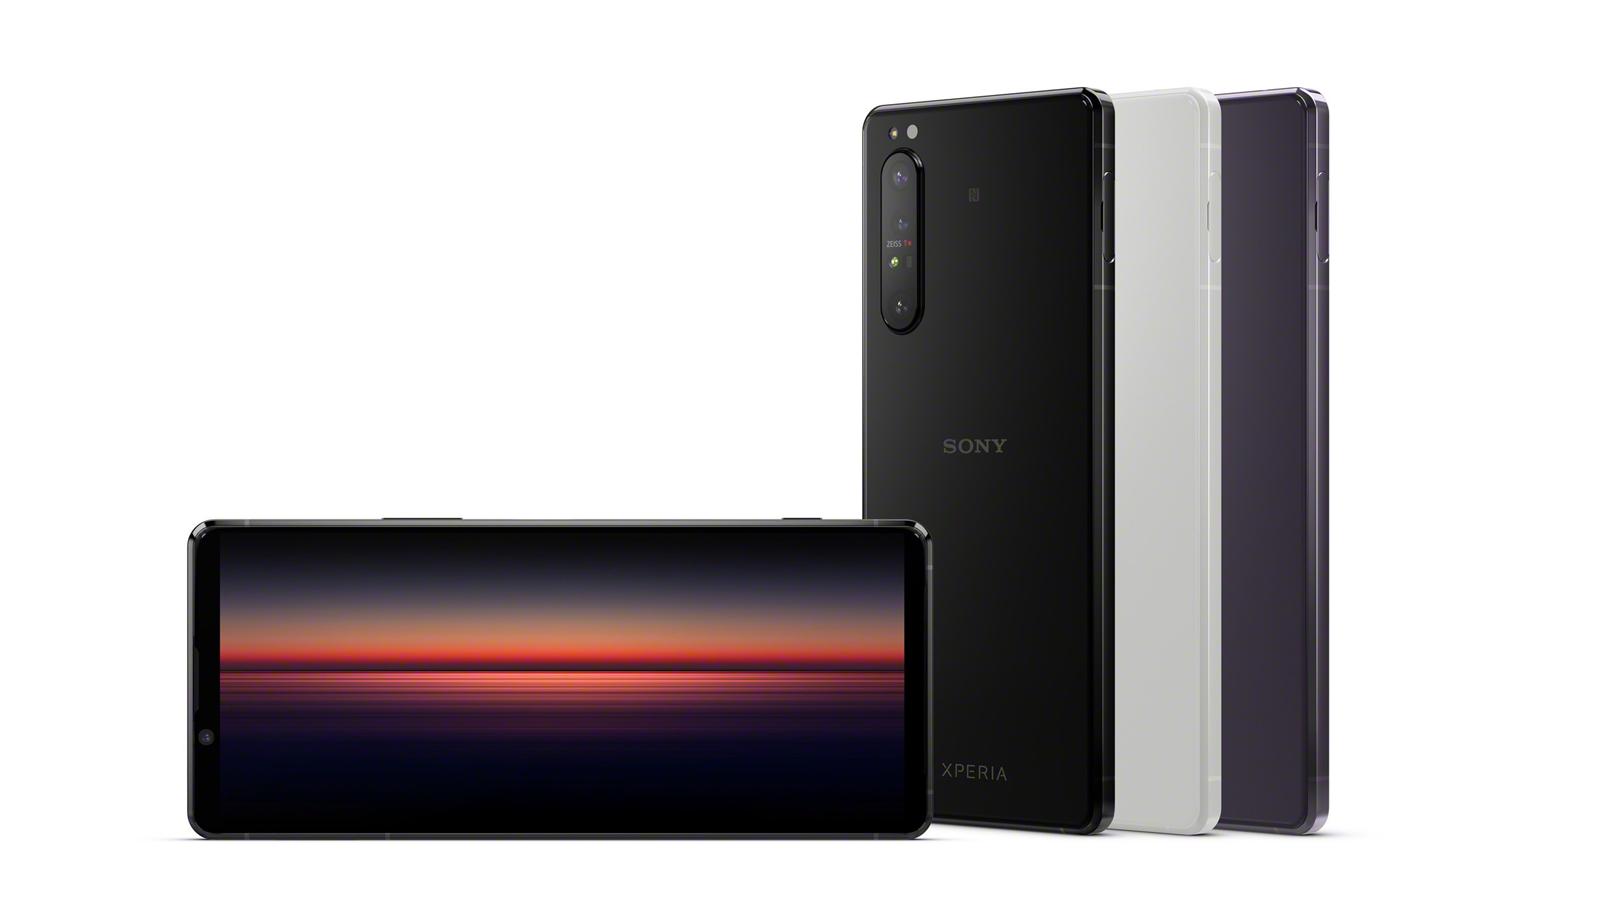 大師級手機 Xperia 1 II 榮獲 Red Dot、IF Design 兩大獎項 Xperia 10 II、Photo Pro 專業單眼相機模式 同獲 IF Design Award 殊榮 @3C 達人廖阿輝